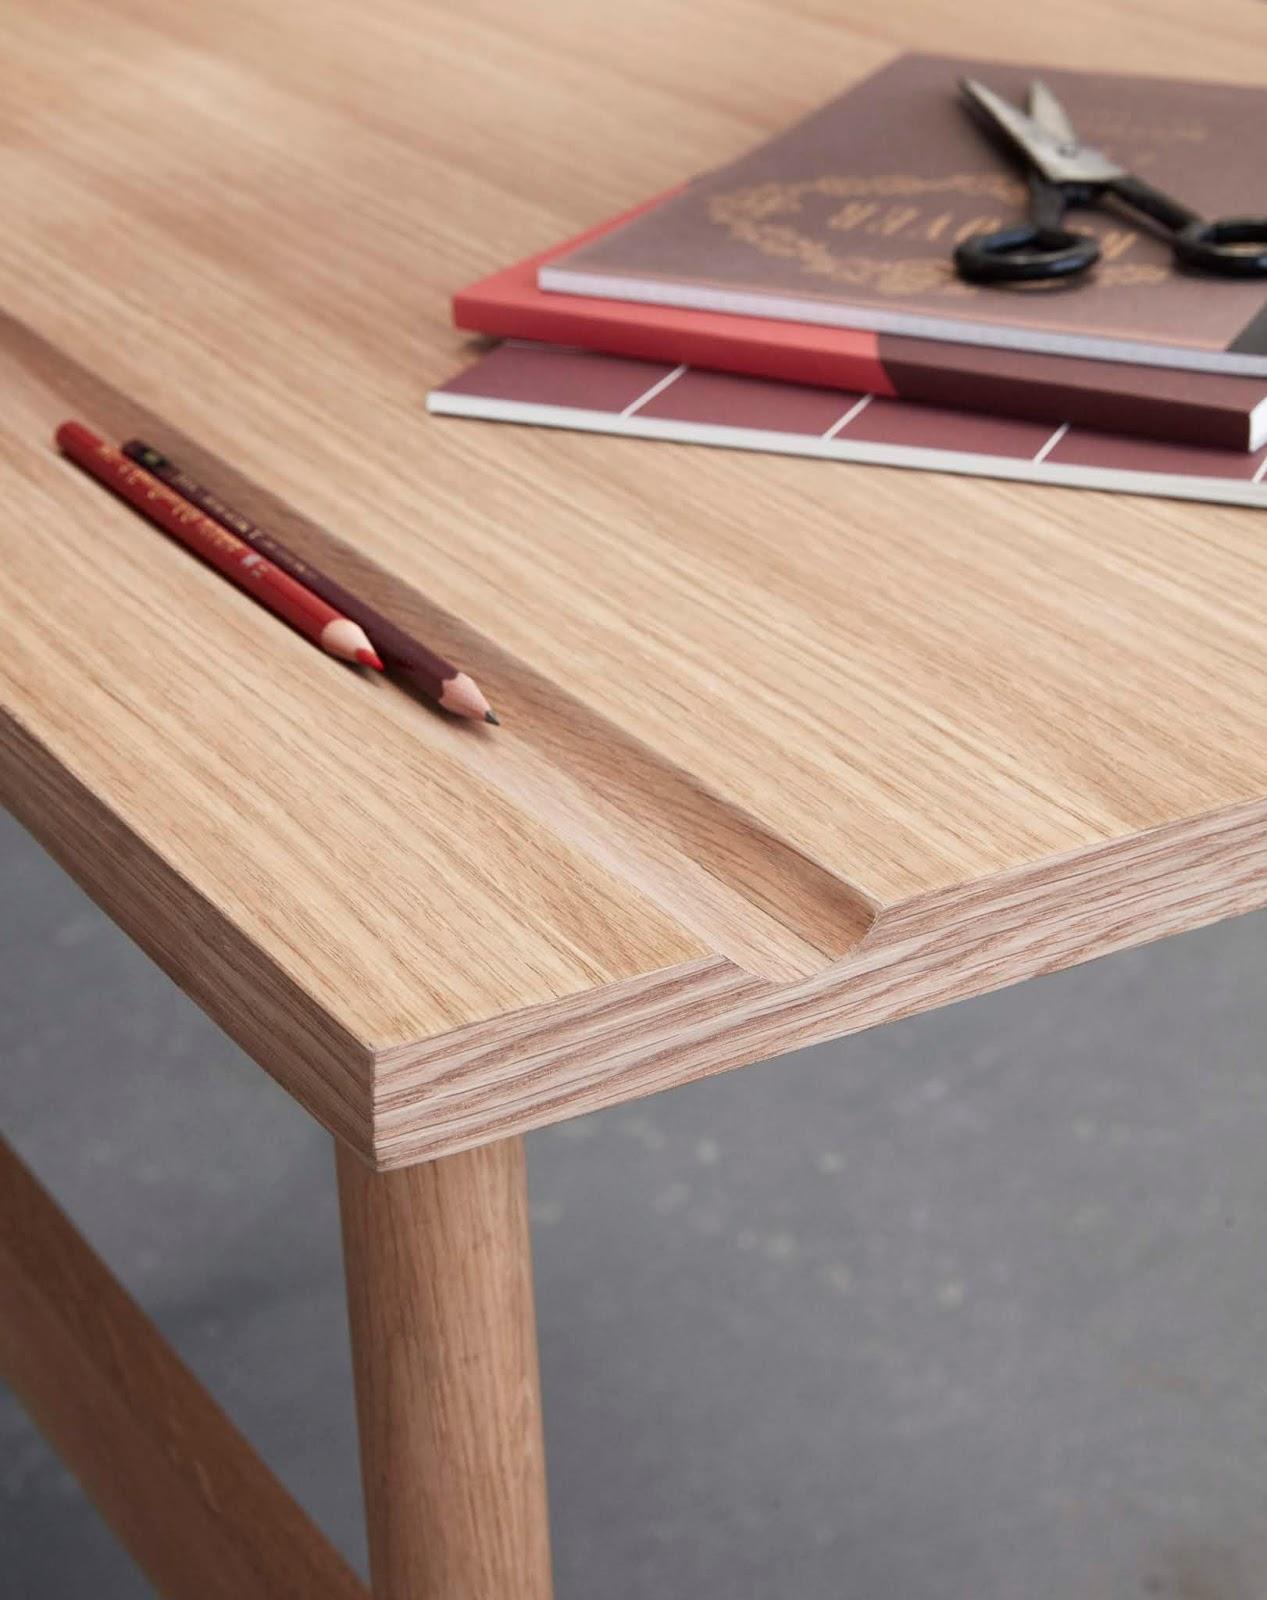 Ukryte schowki w biurku